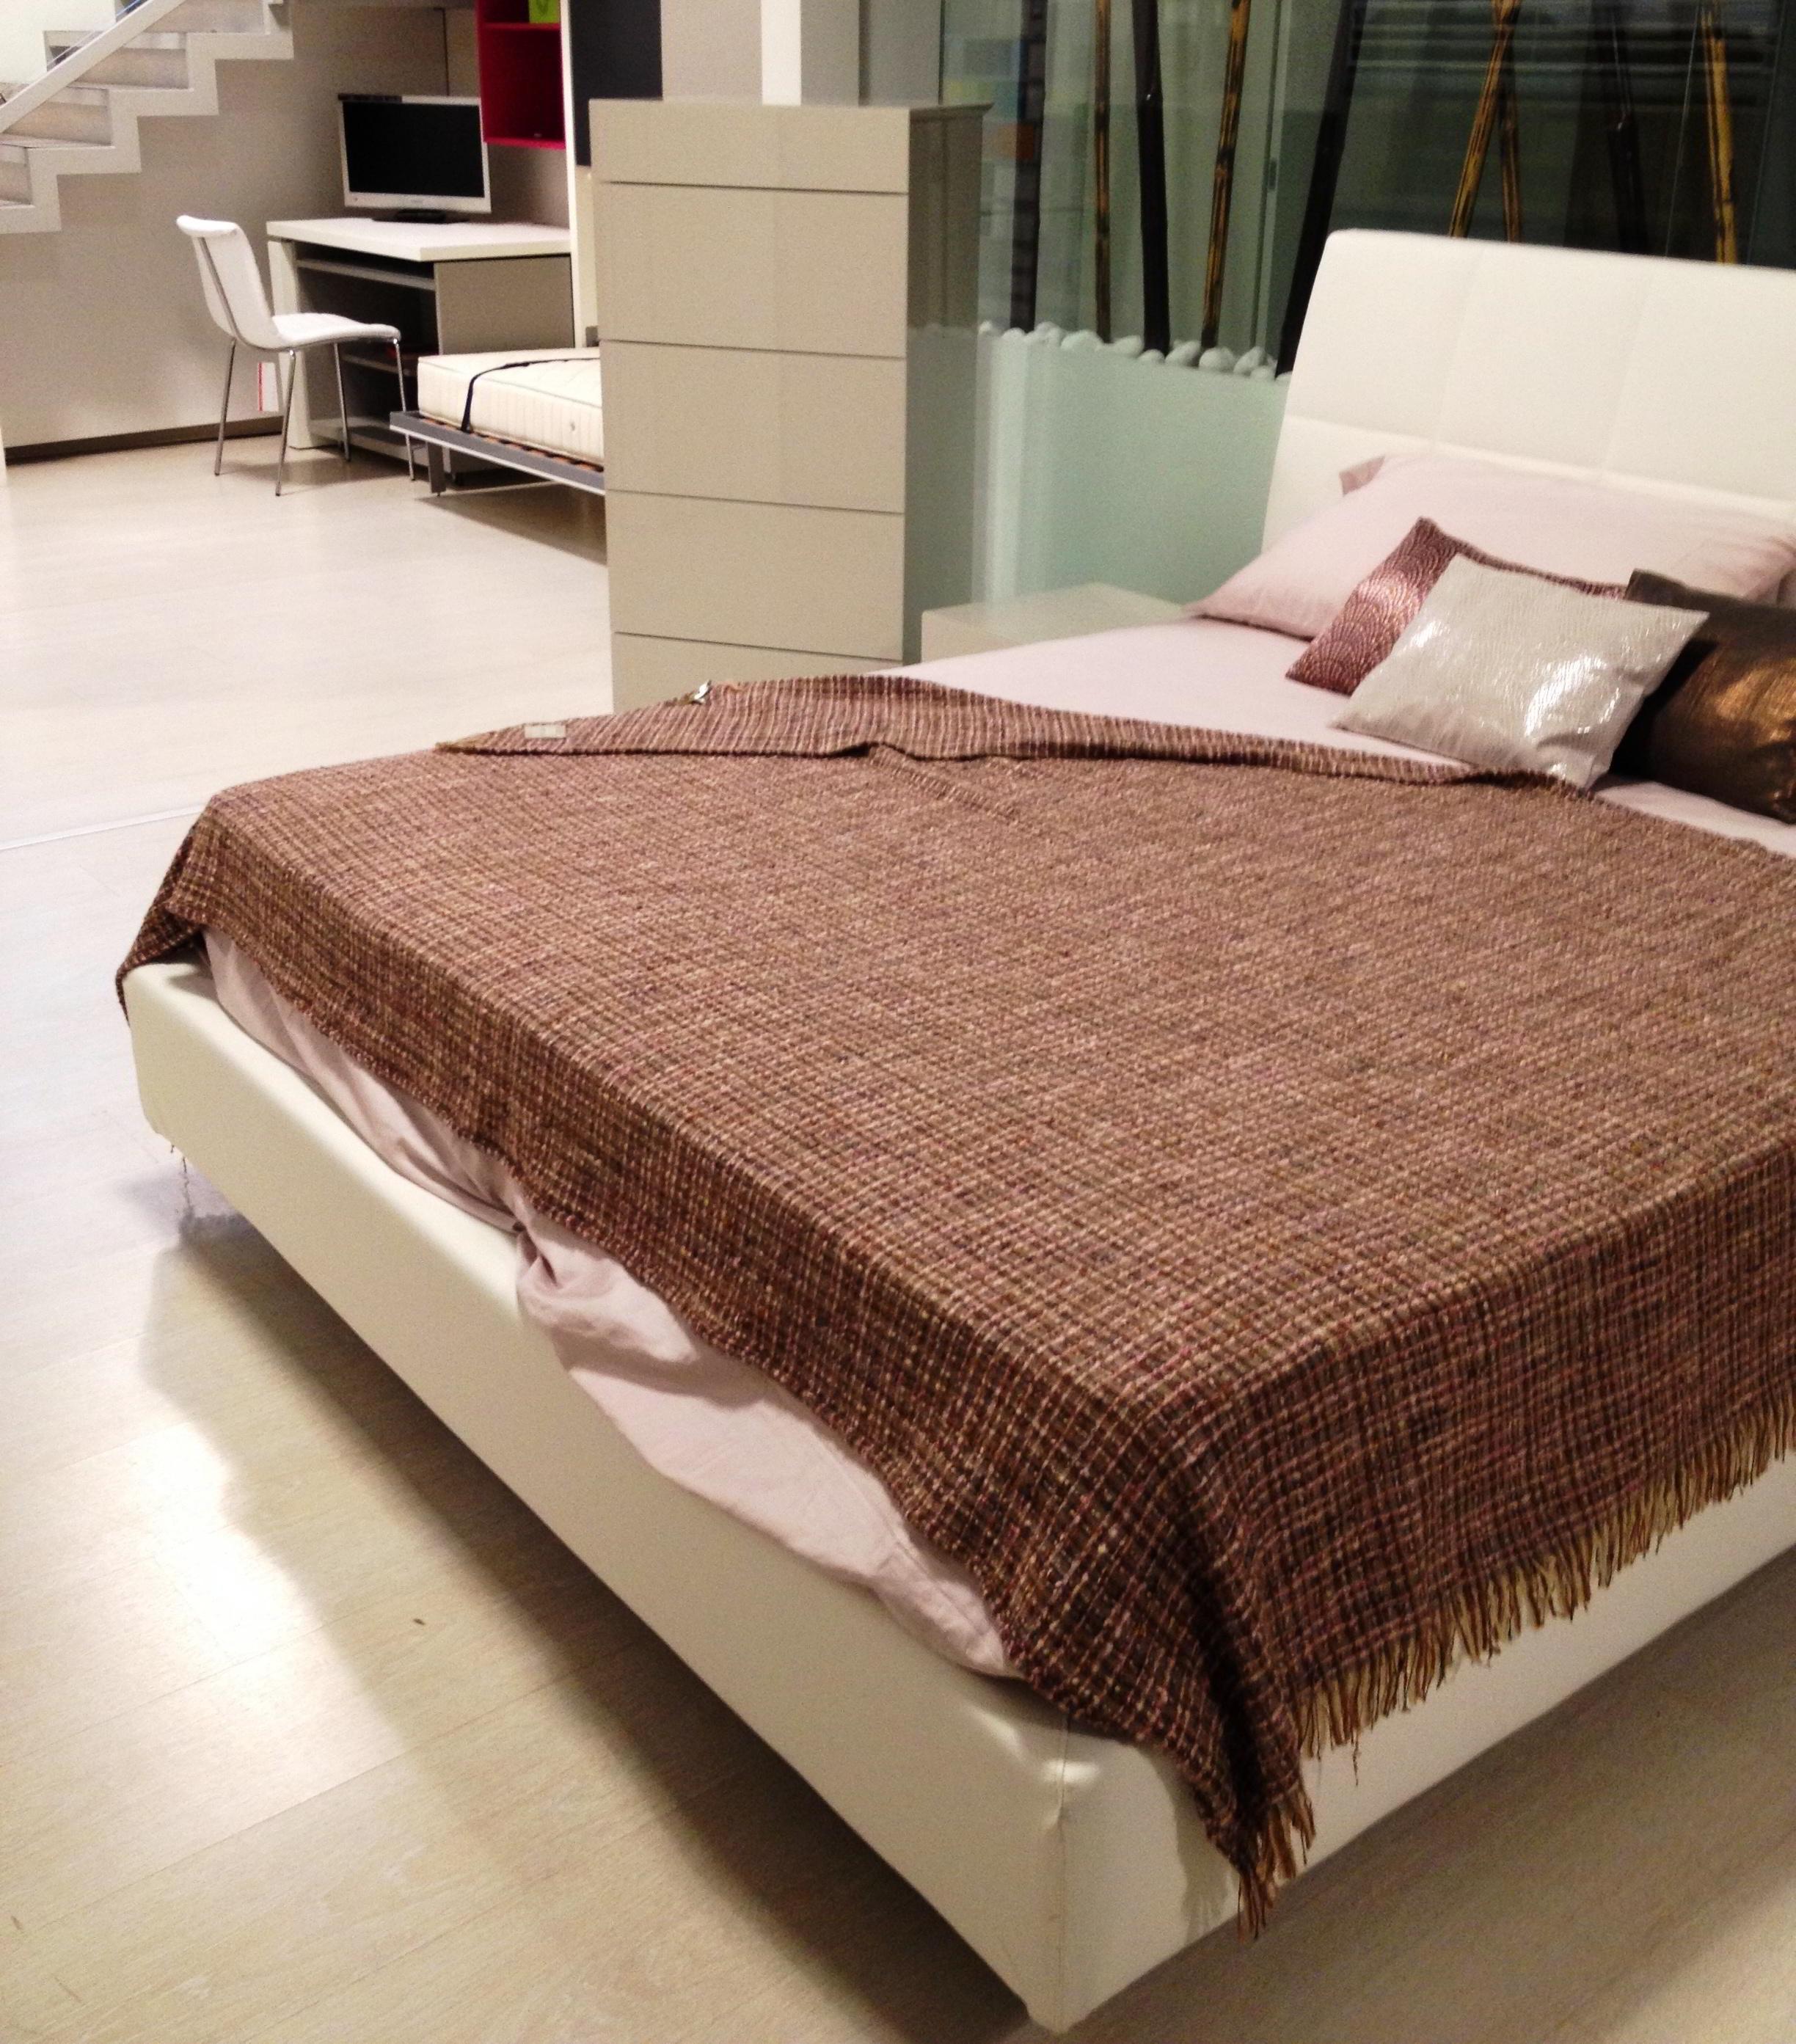 Offerta camera matrimoniale composta da letto imbottito - Letto e comodini ...